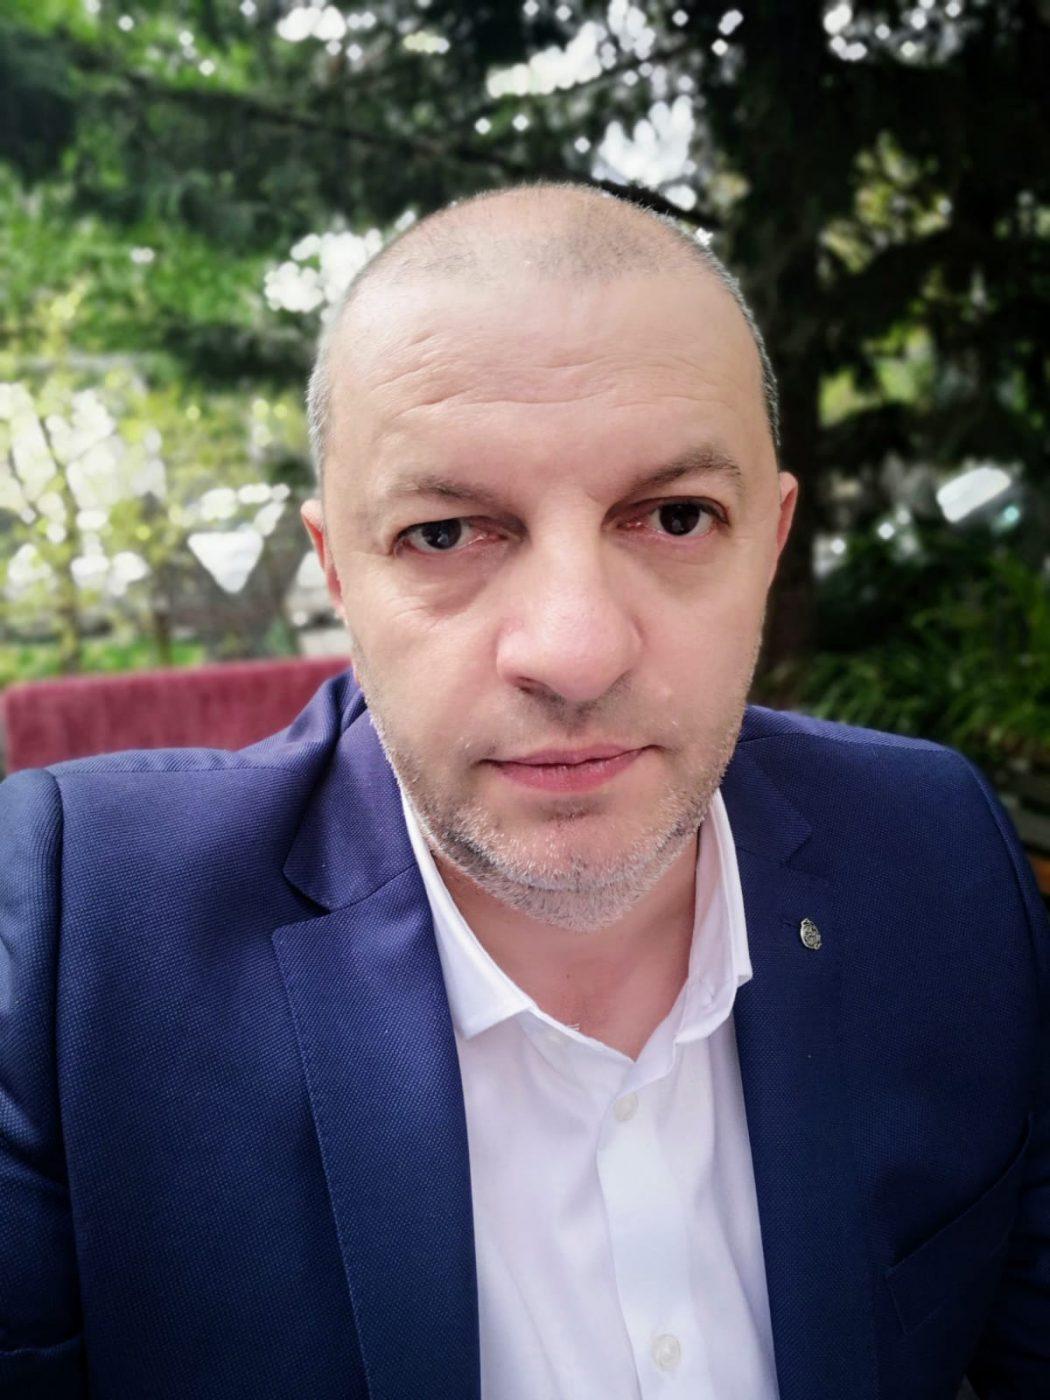 Radu Birlică este directorul de marketing al lui Dinamo și alături de suporteri încearcă să salveze echipa